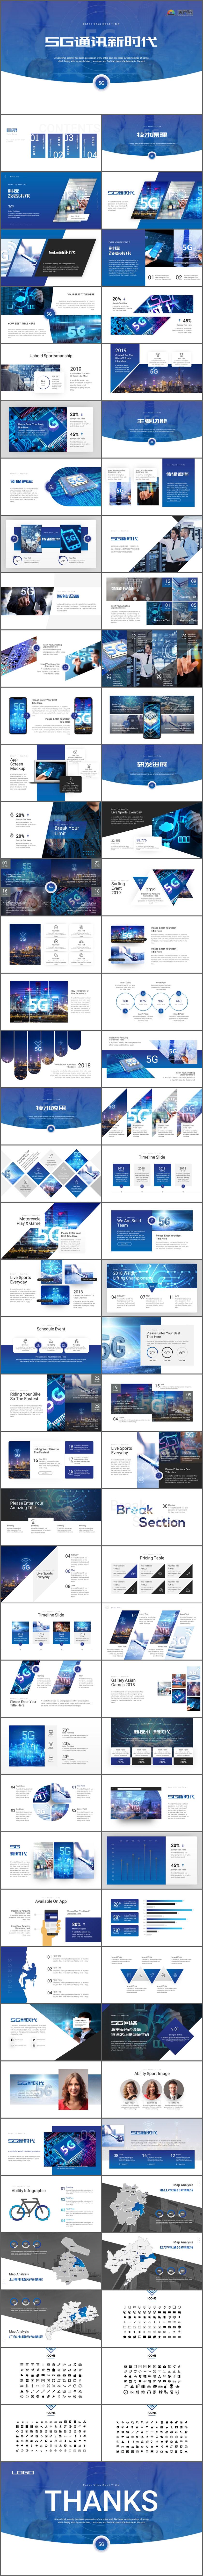 高端5G新时代通讯技术人工智能云计算大数据互联网PPT